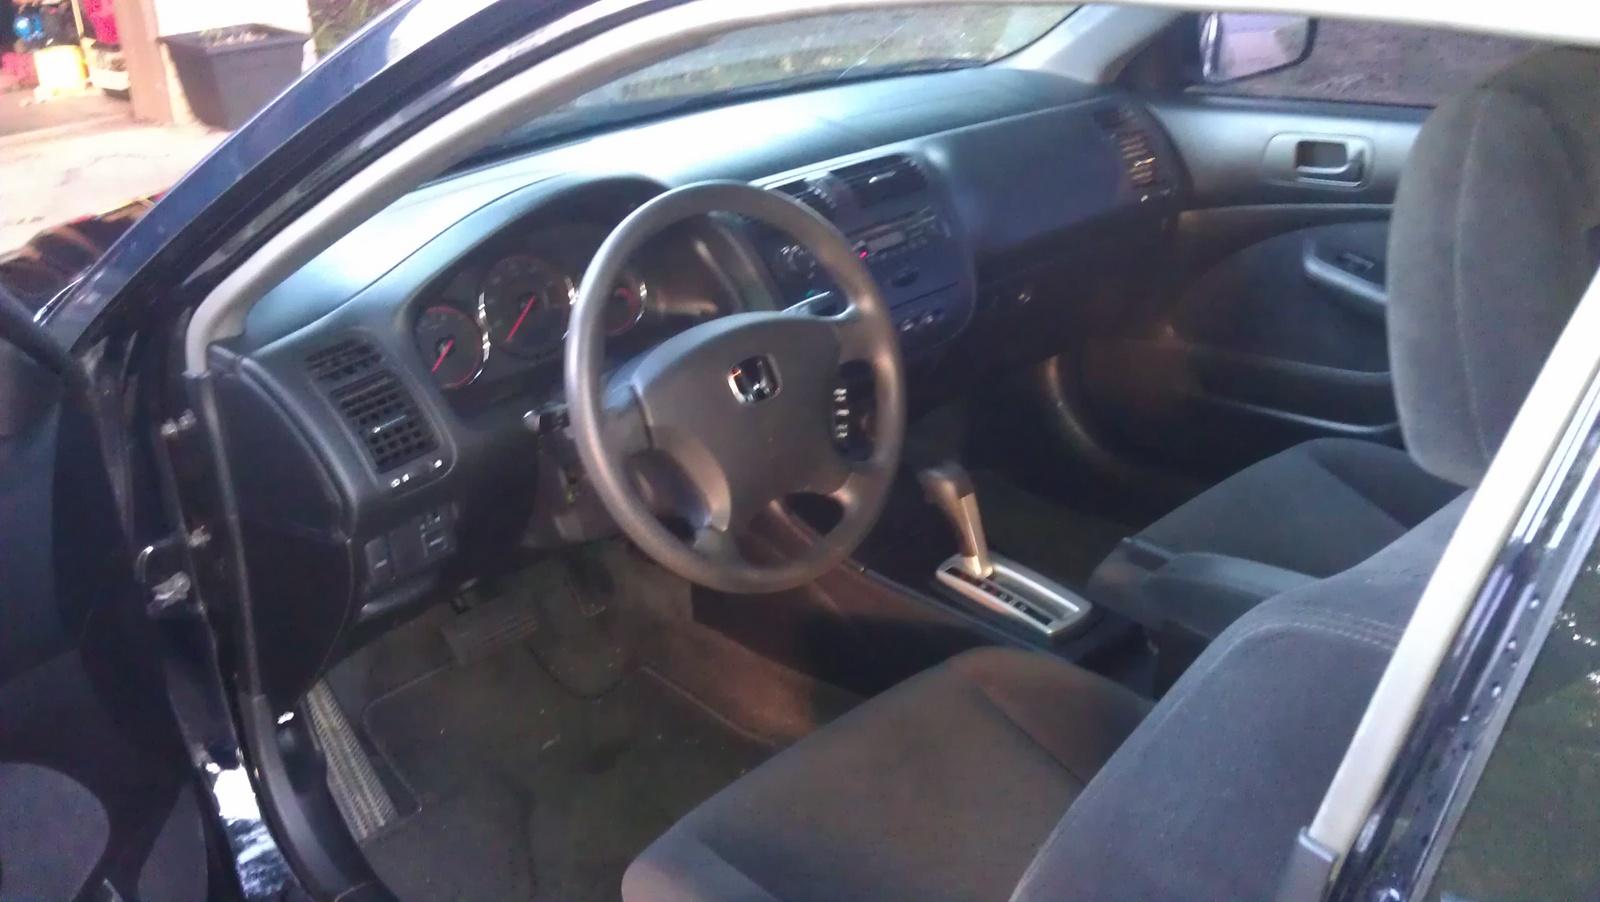 Honda Civic Lx Pic